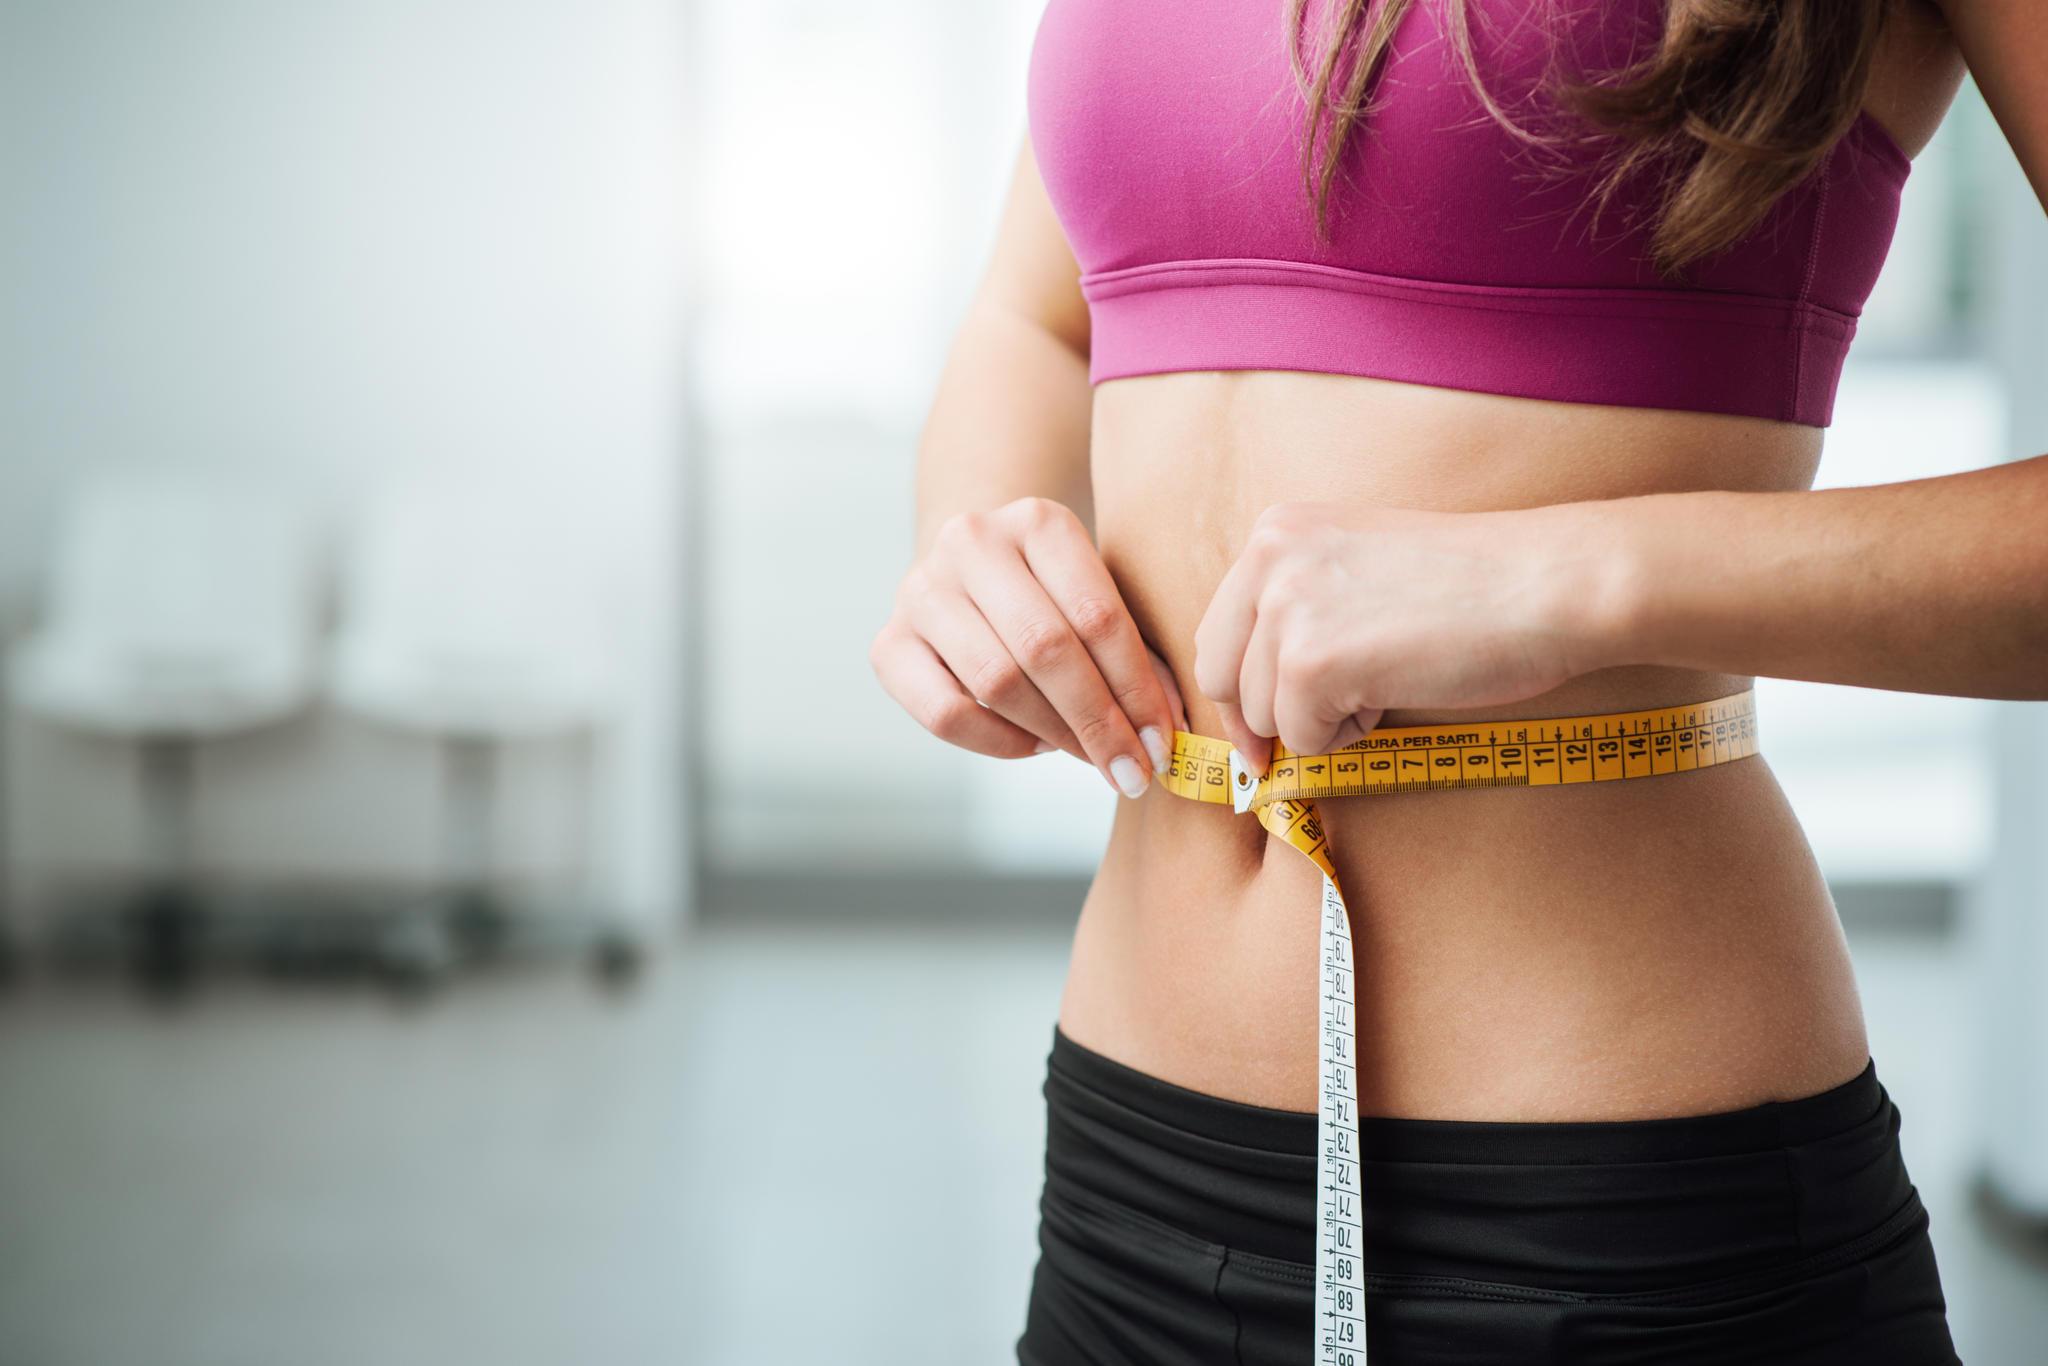 Жителям Самары рассказали об эффективных способах похудения для каждого знака зодиака